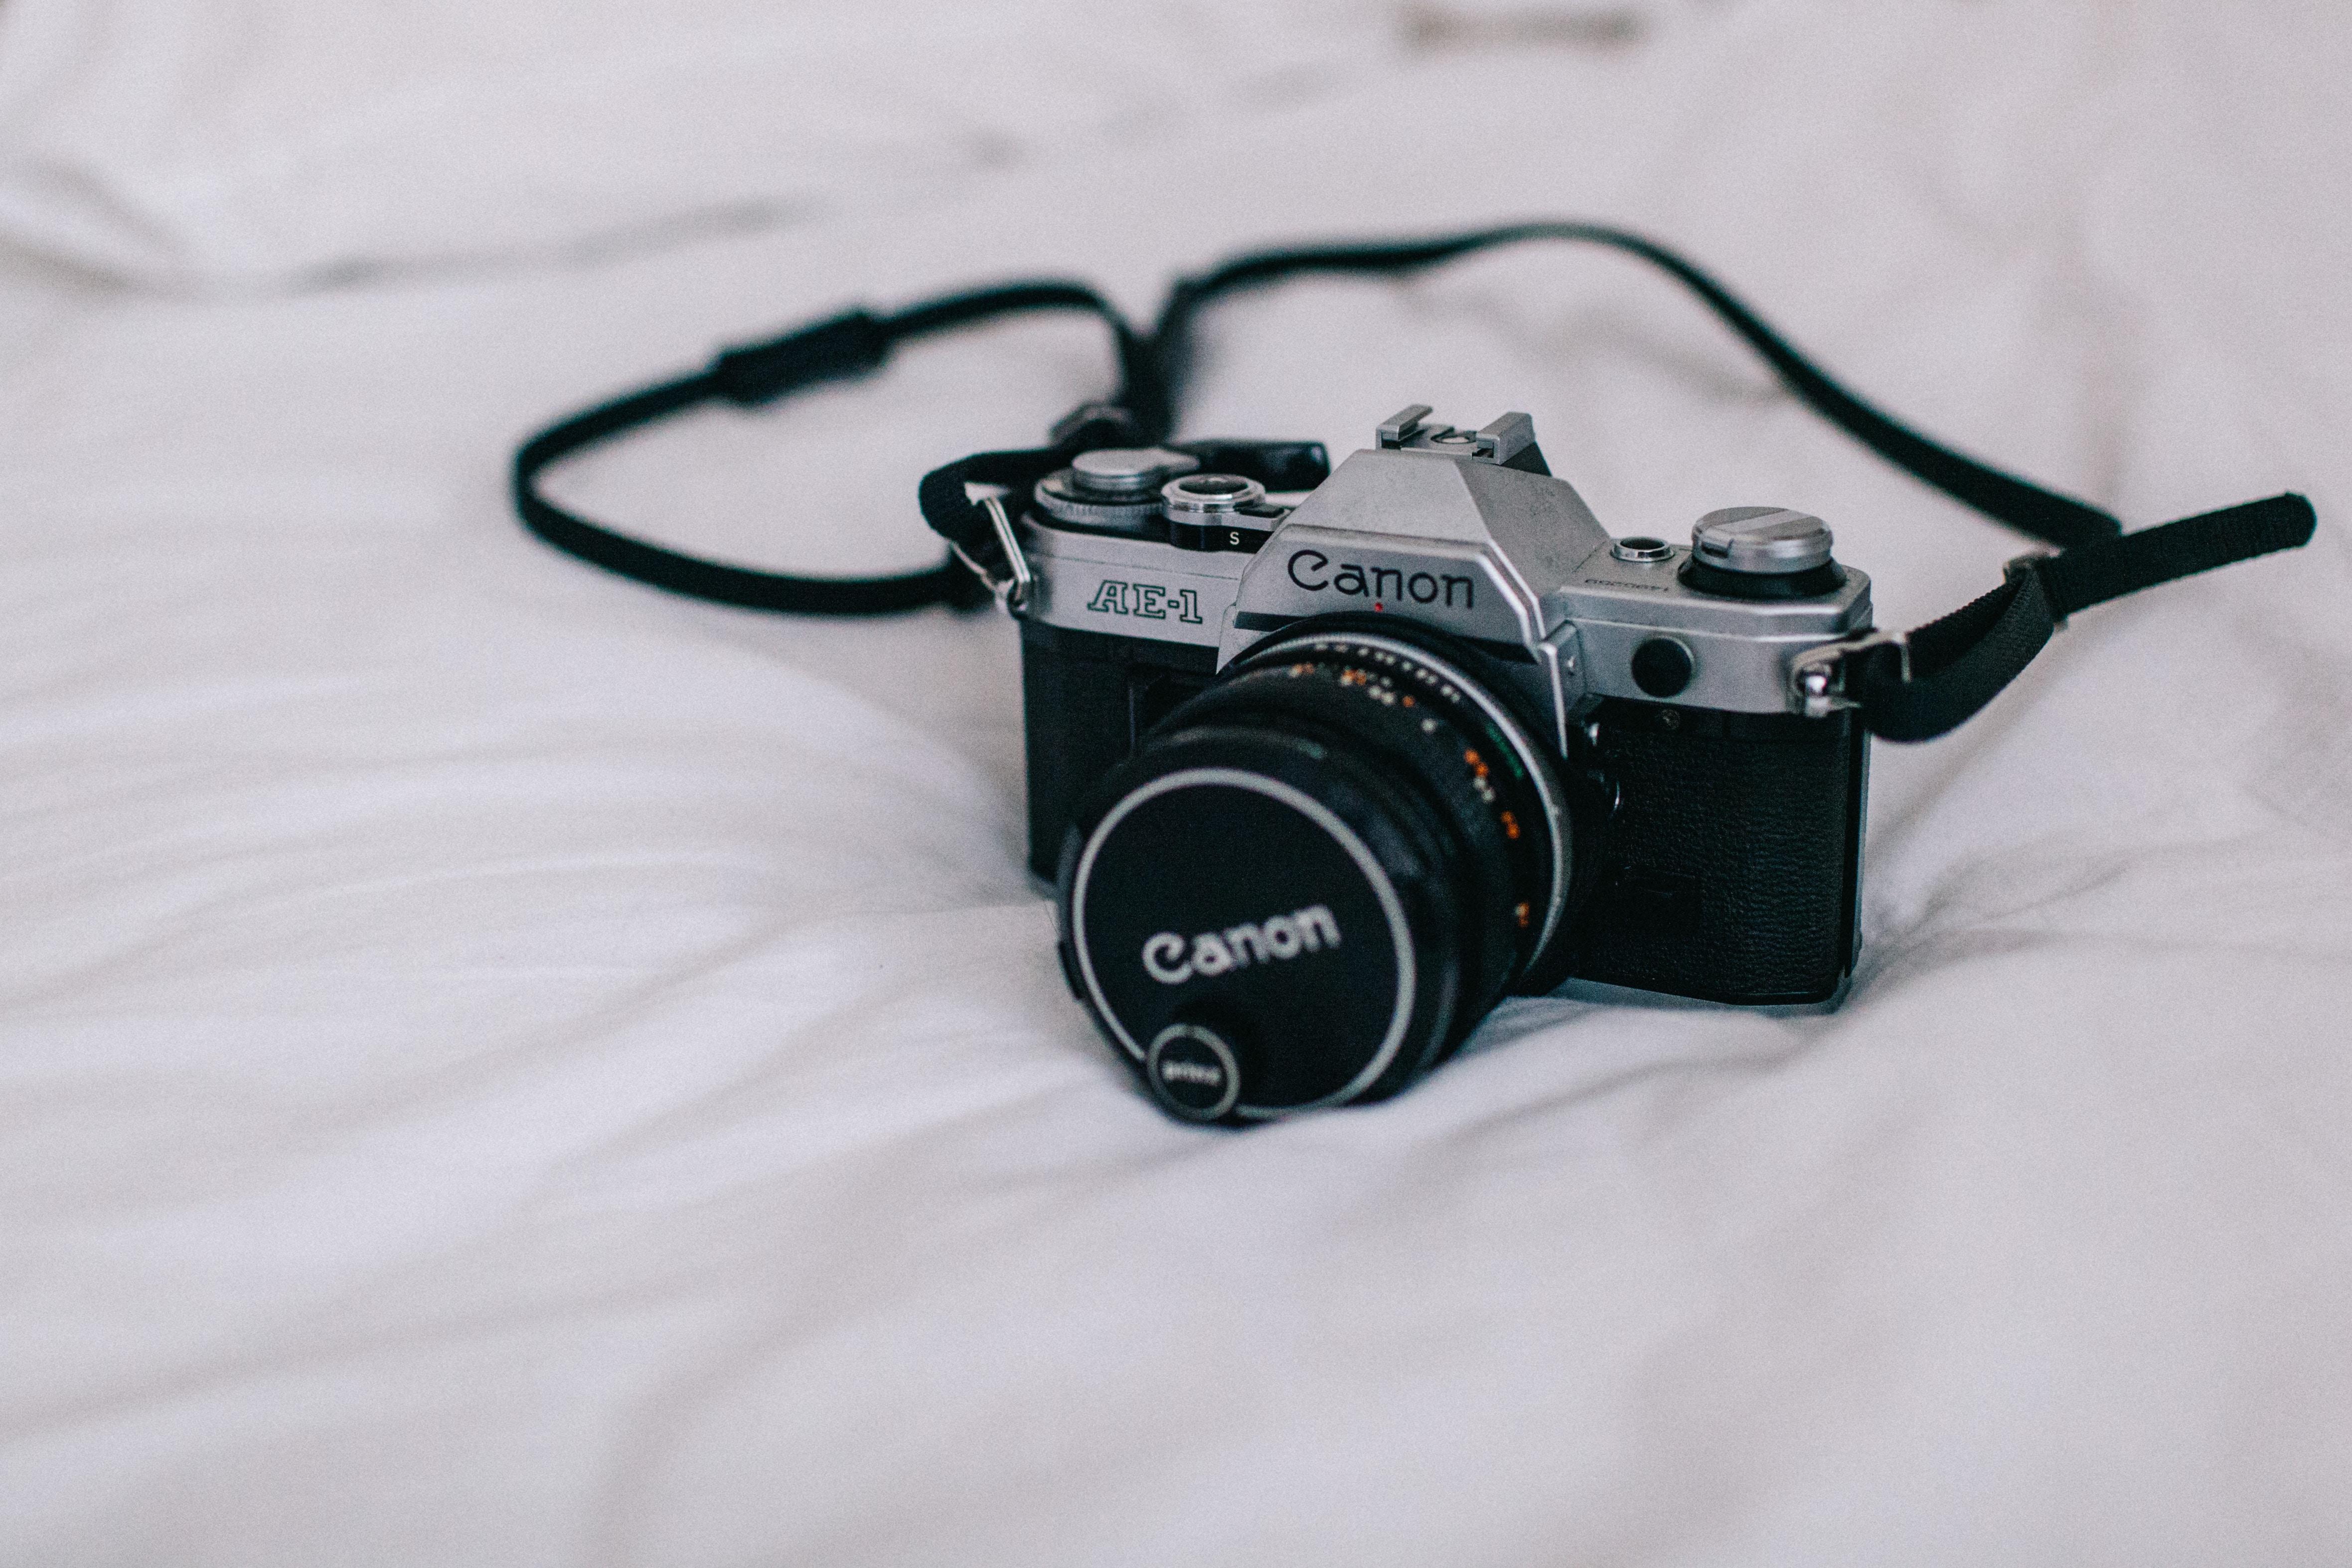 black and silver Canon DSLR camera